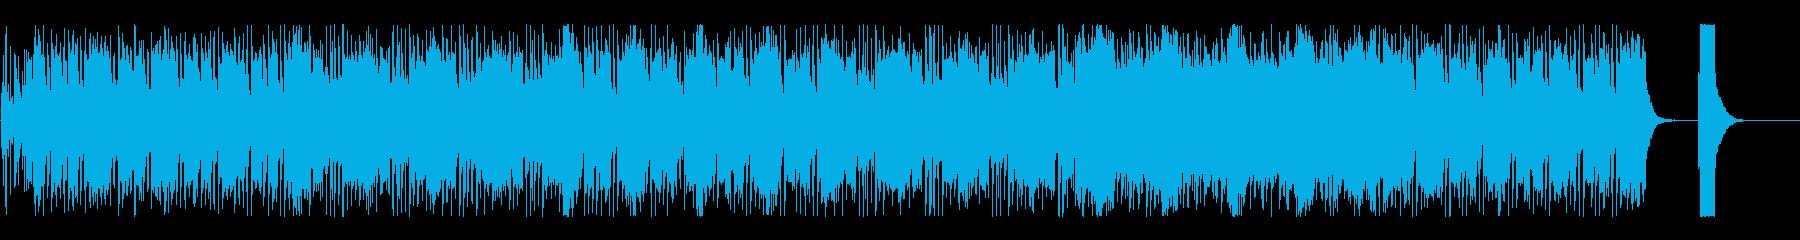 オーディオドラマ向けBGM/日常3の再生済みの波形